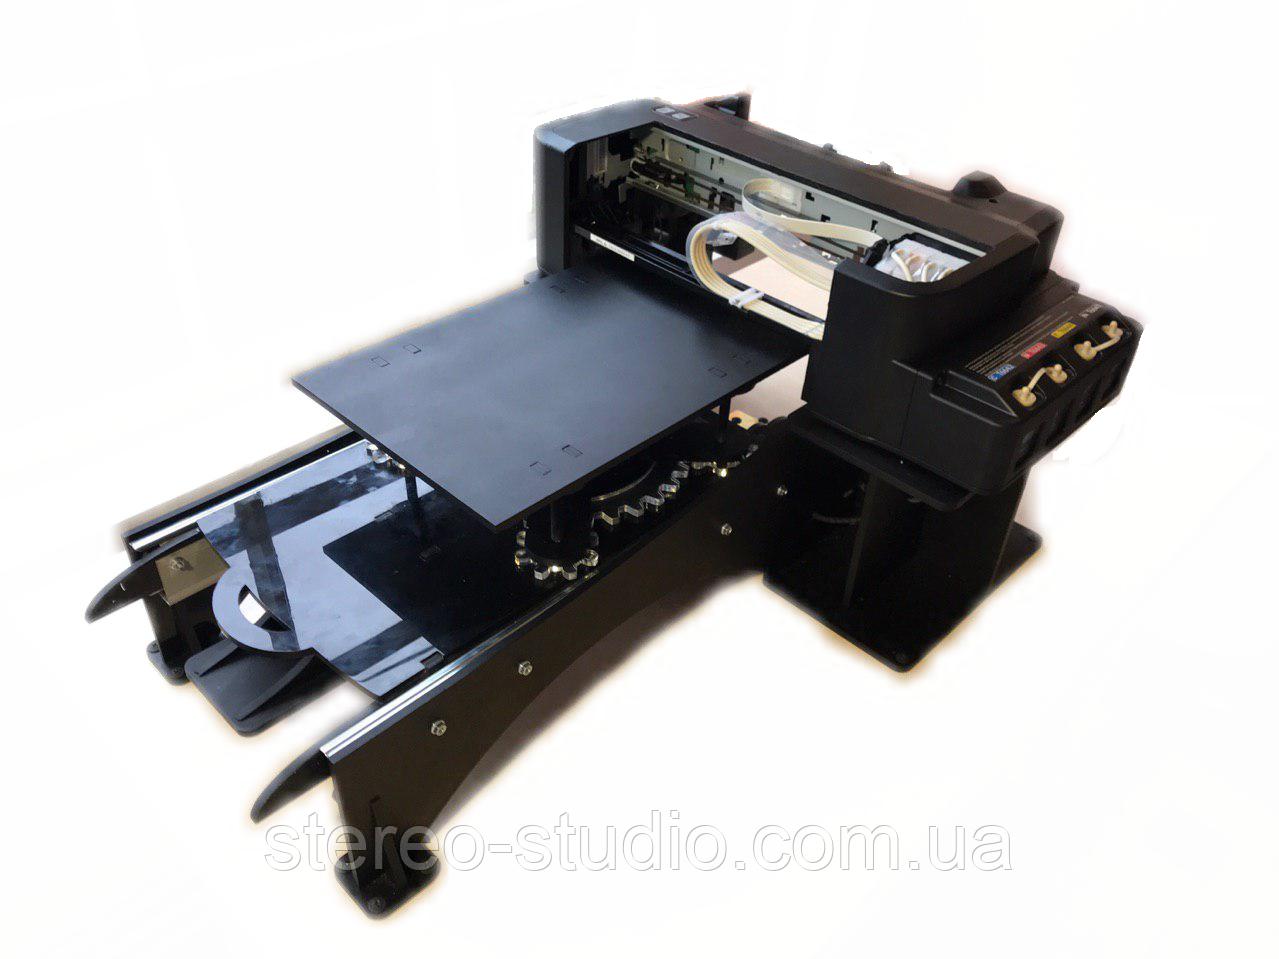 Планшетный пищевой принтер A4